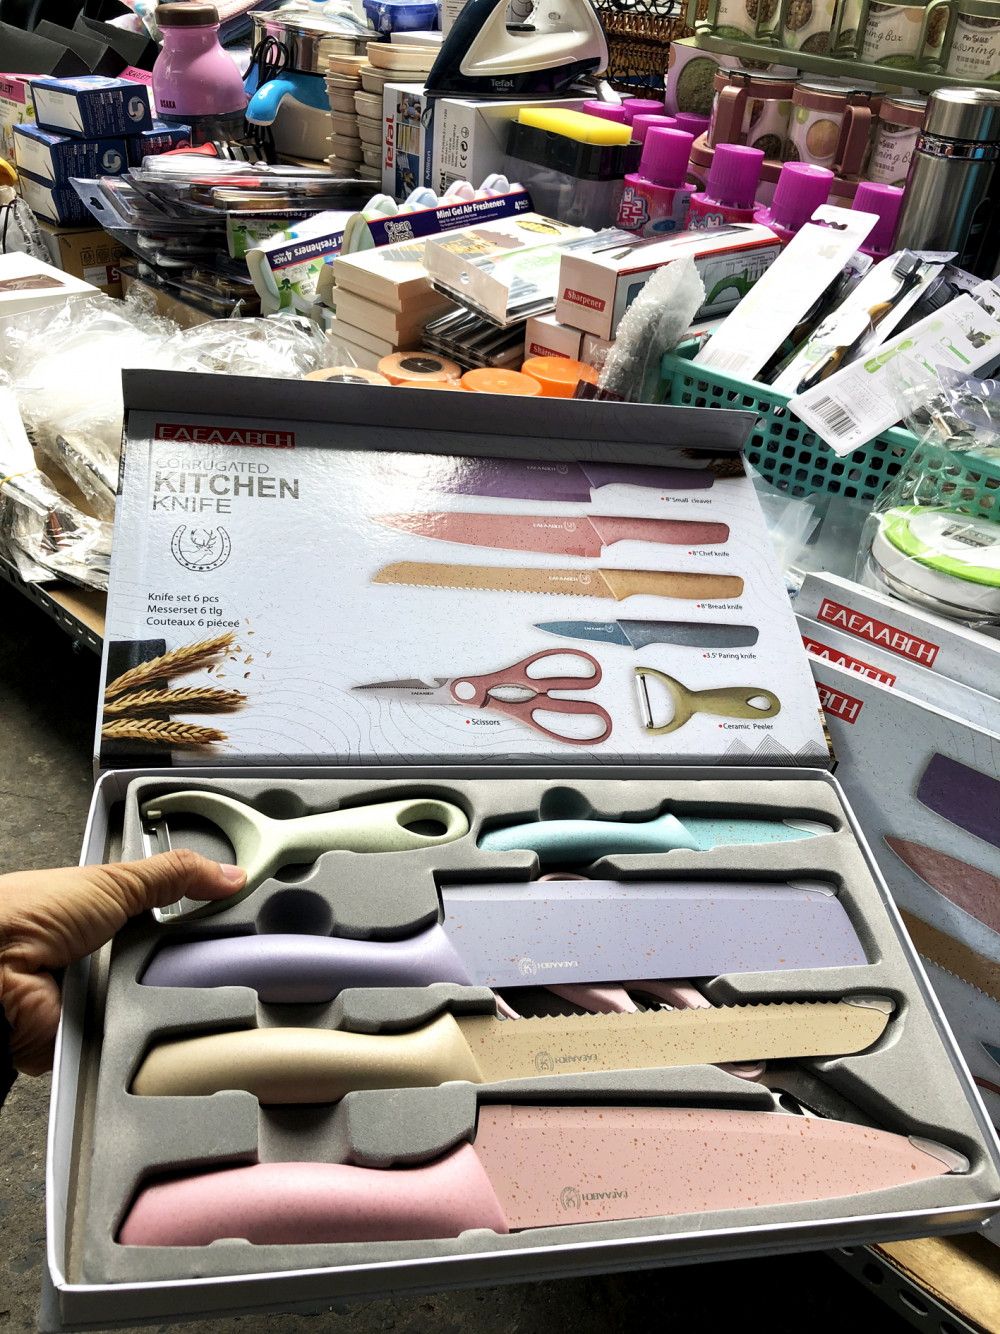 Bộ dao, kéo làm từ thân cây lúa mạch, được cho là hàng nhập từ Mỹ nhưng không có thông tin gì trên sản phẩm